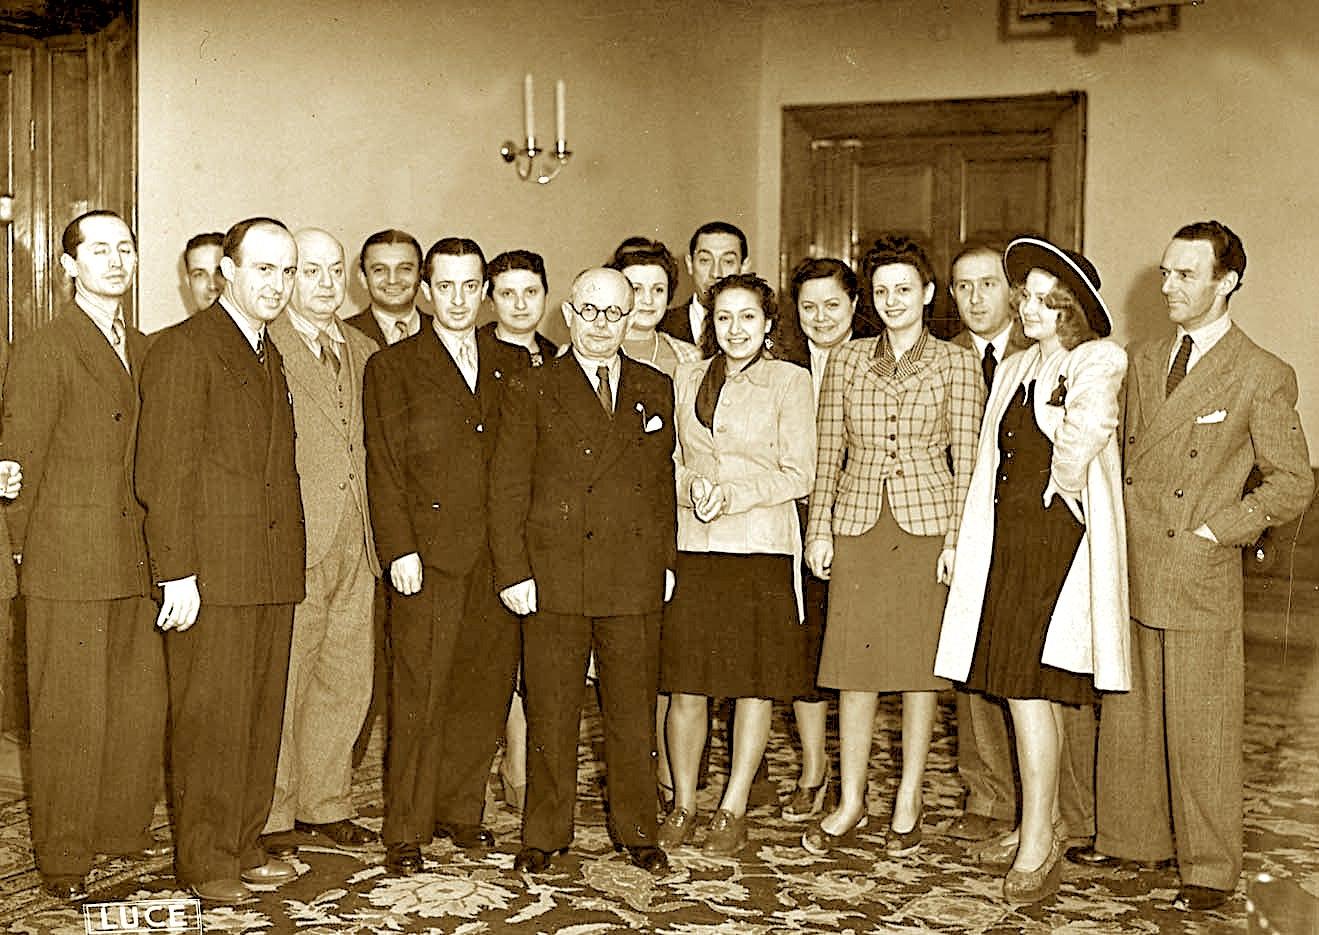 Dhimitër Beratti Ministër i Kulturës Popullore - dhe personeli i Ministrisë 1942